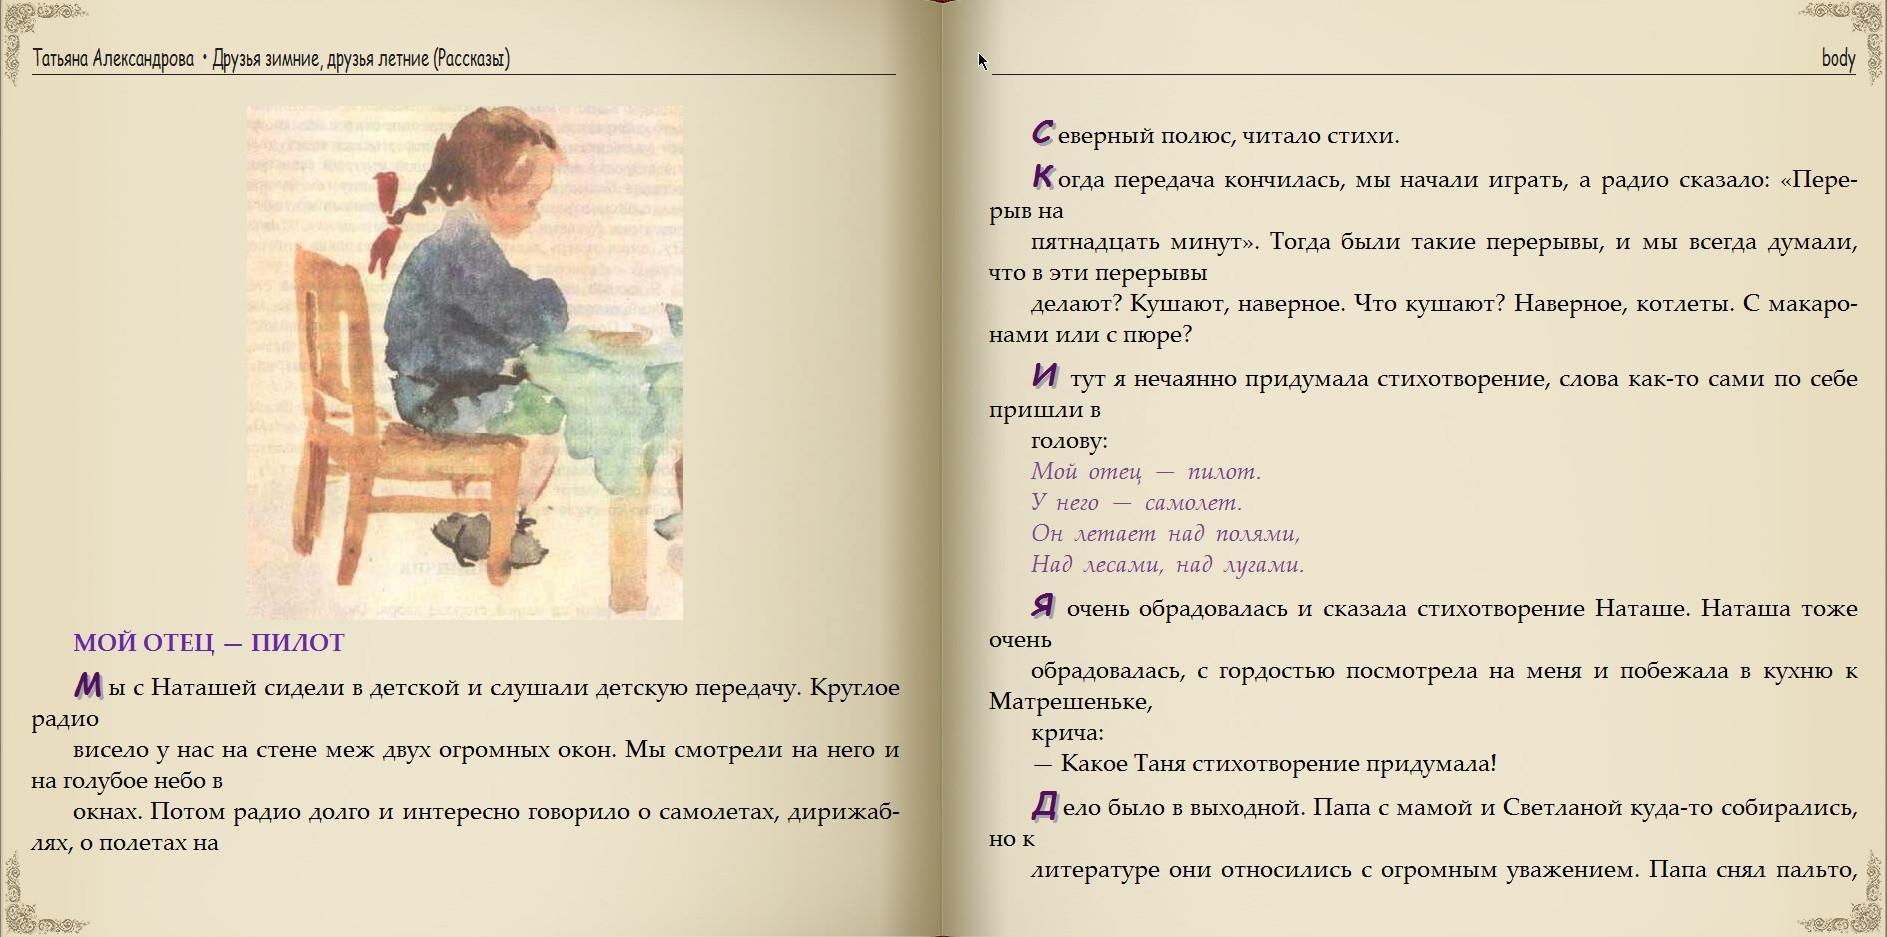 http://i6.imageban.ru/out/2015/03/13/95de1a848a534721d318d20a09884556.jpg